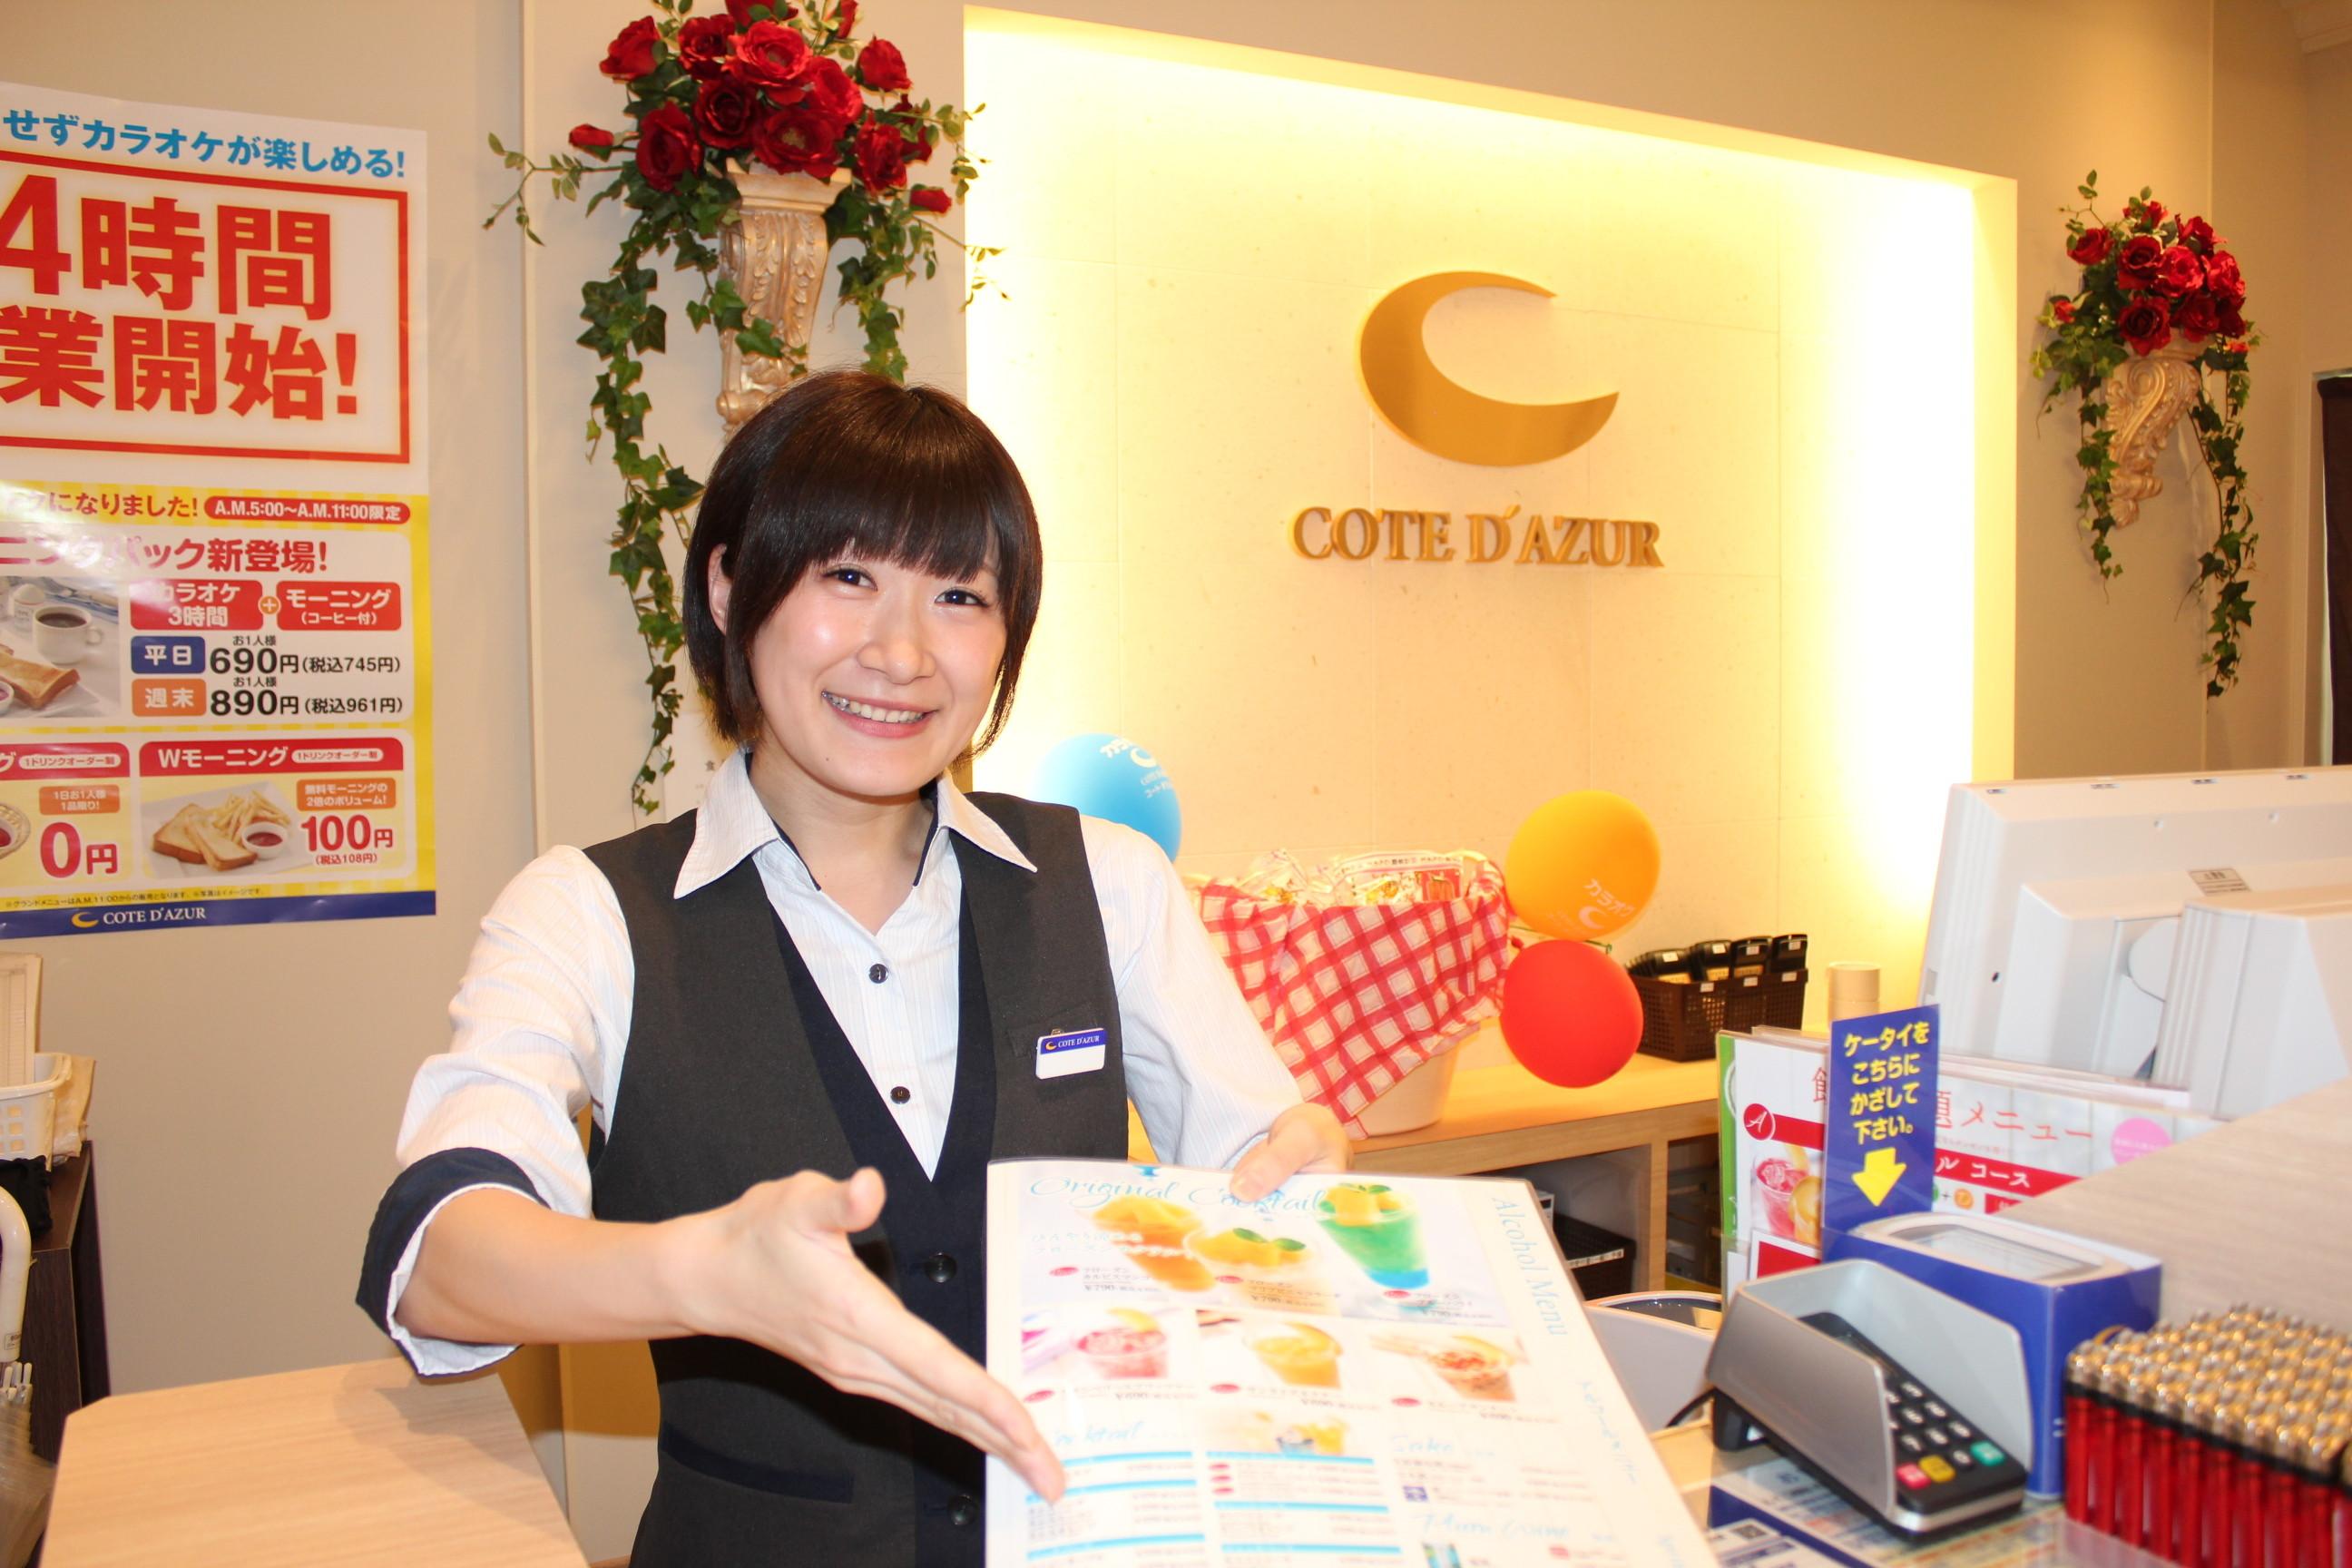 コート・ダジュール 横浜馬車道店 のアルバイト情報